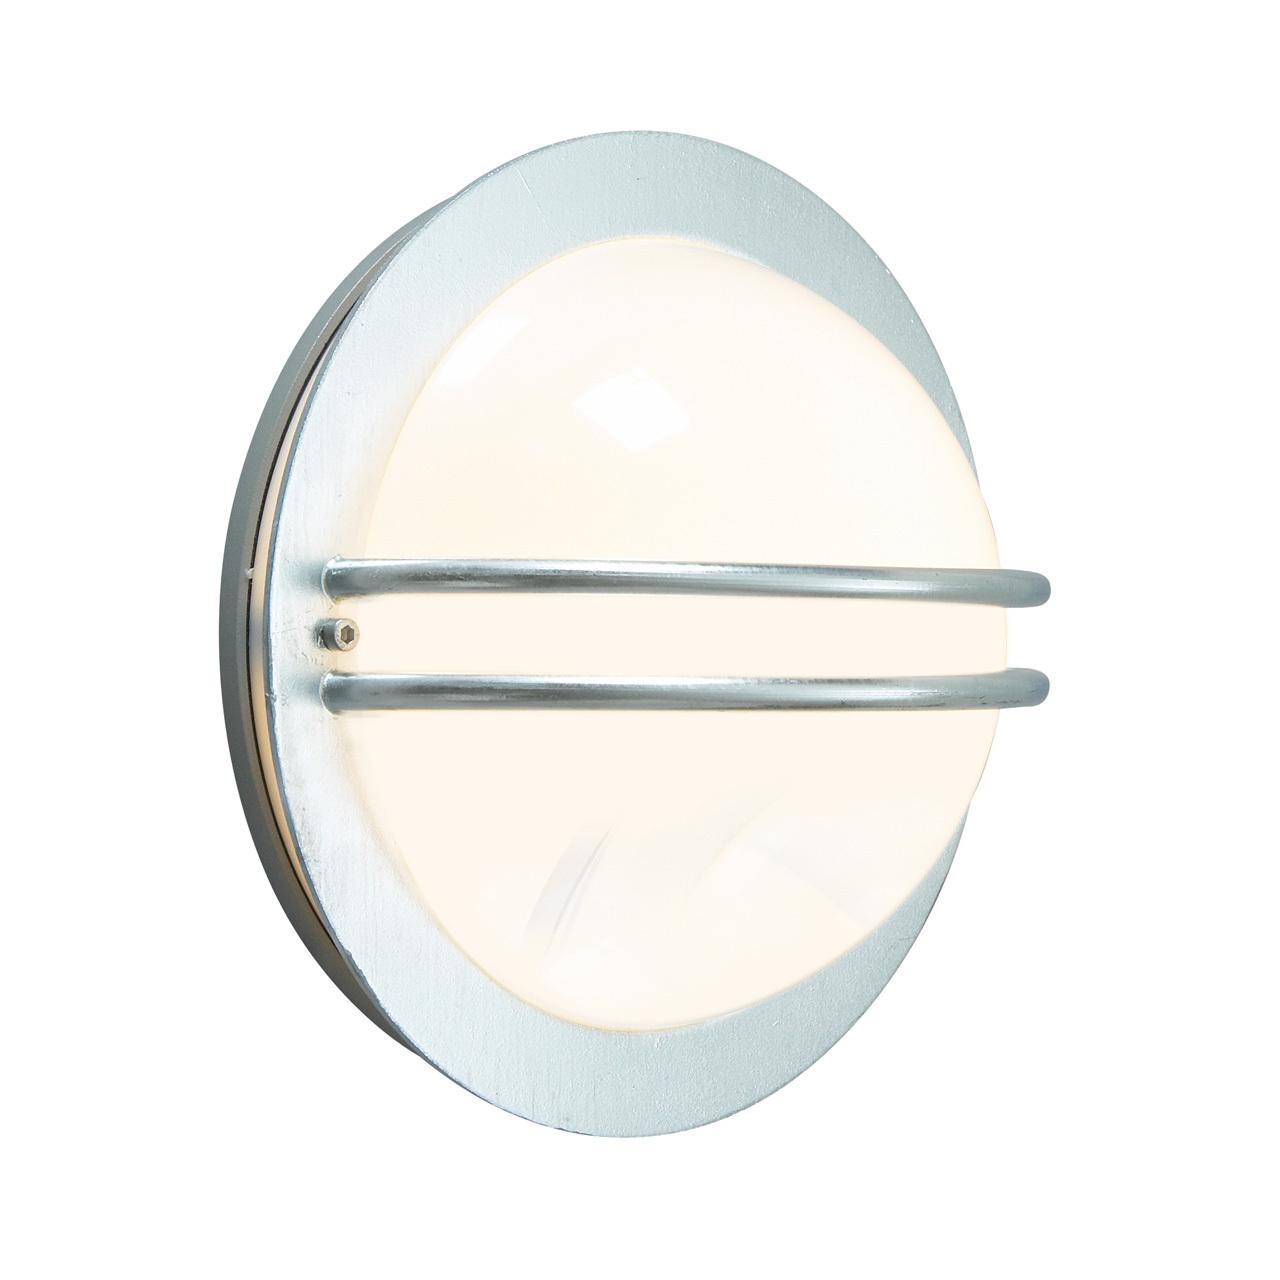 Lampa ścienna BREMEN 631GA -Norlys  SPRAWDŹ RABATY  5-10-15-20 % w koszyku